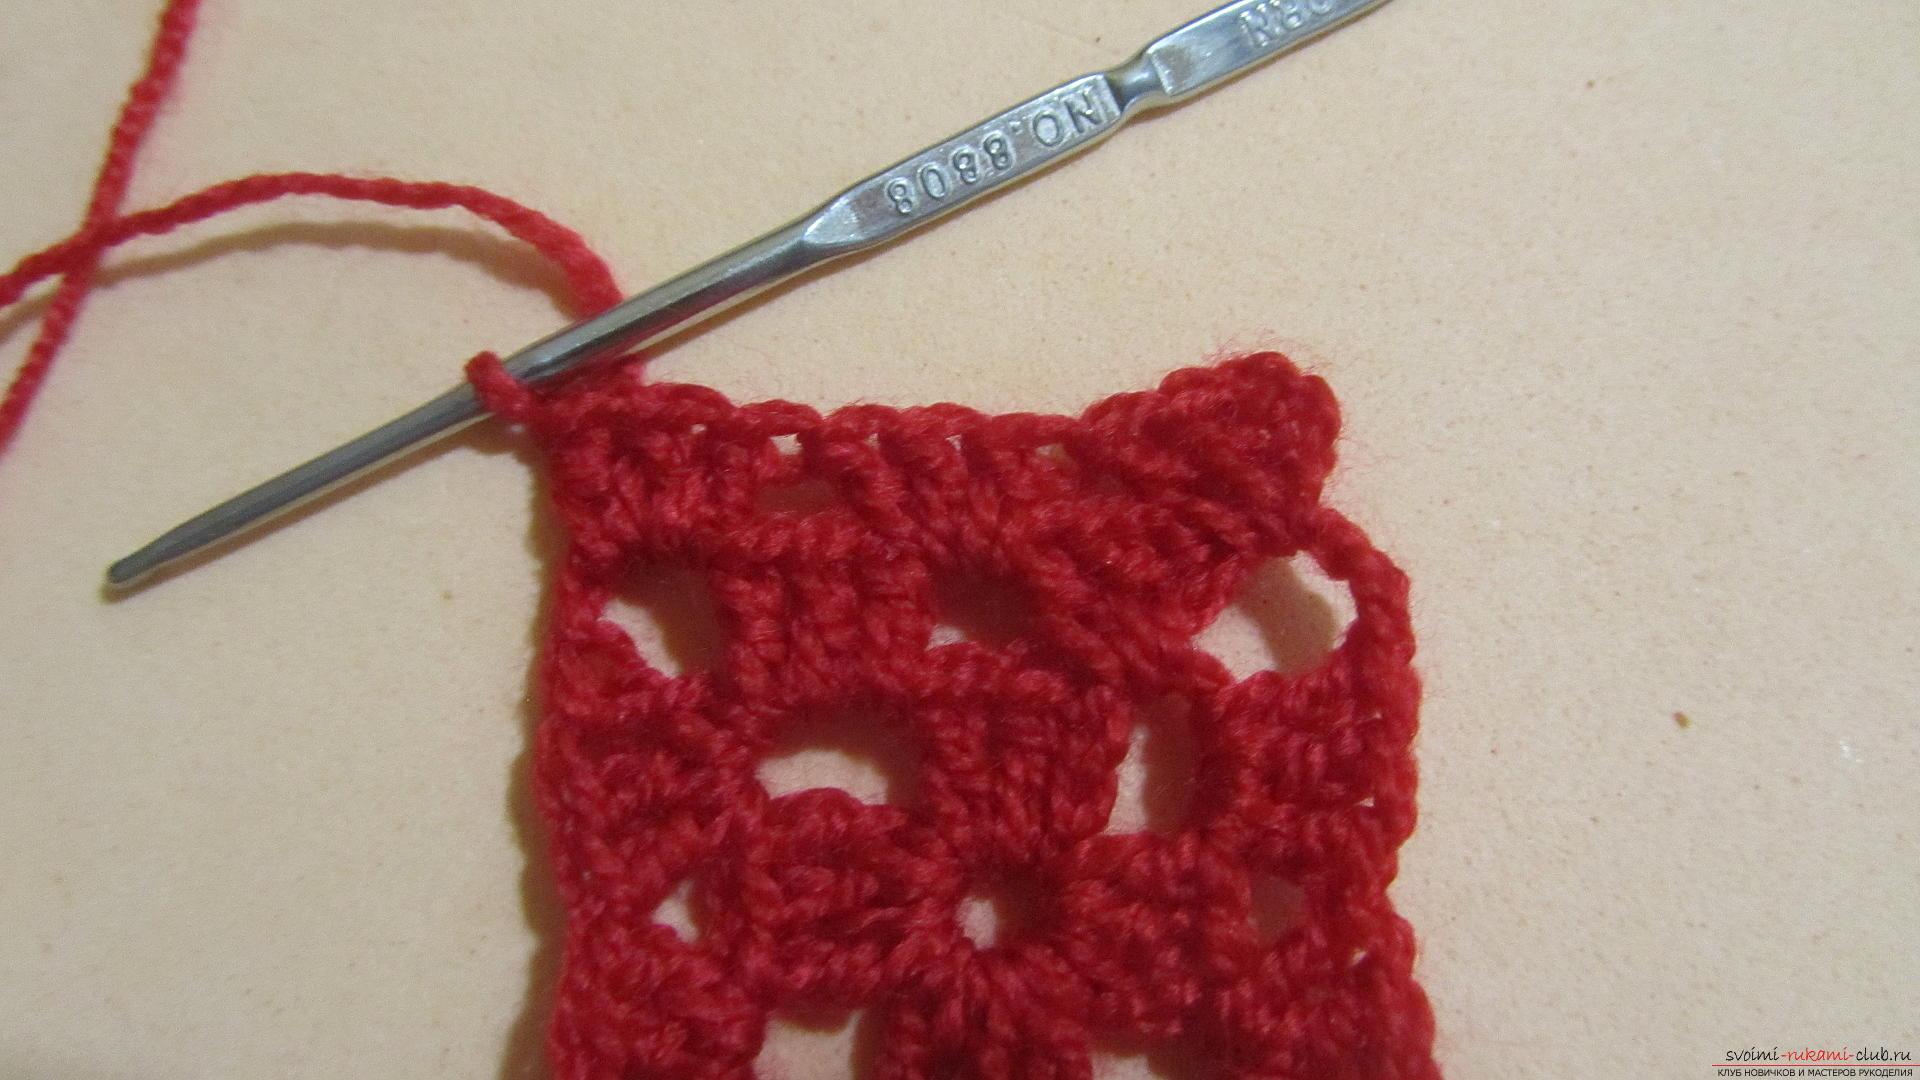 Одежду для мягких игрушек можно связать крючком своими руками, будем одевать игрушечную обезьянку.. Фото №46